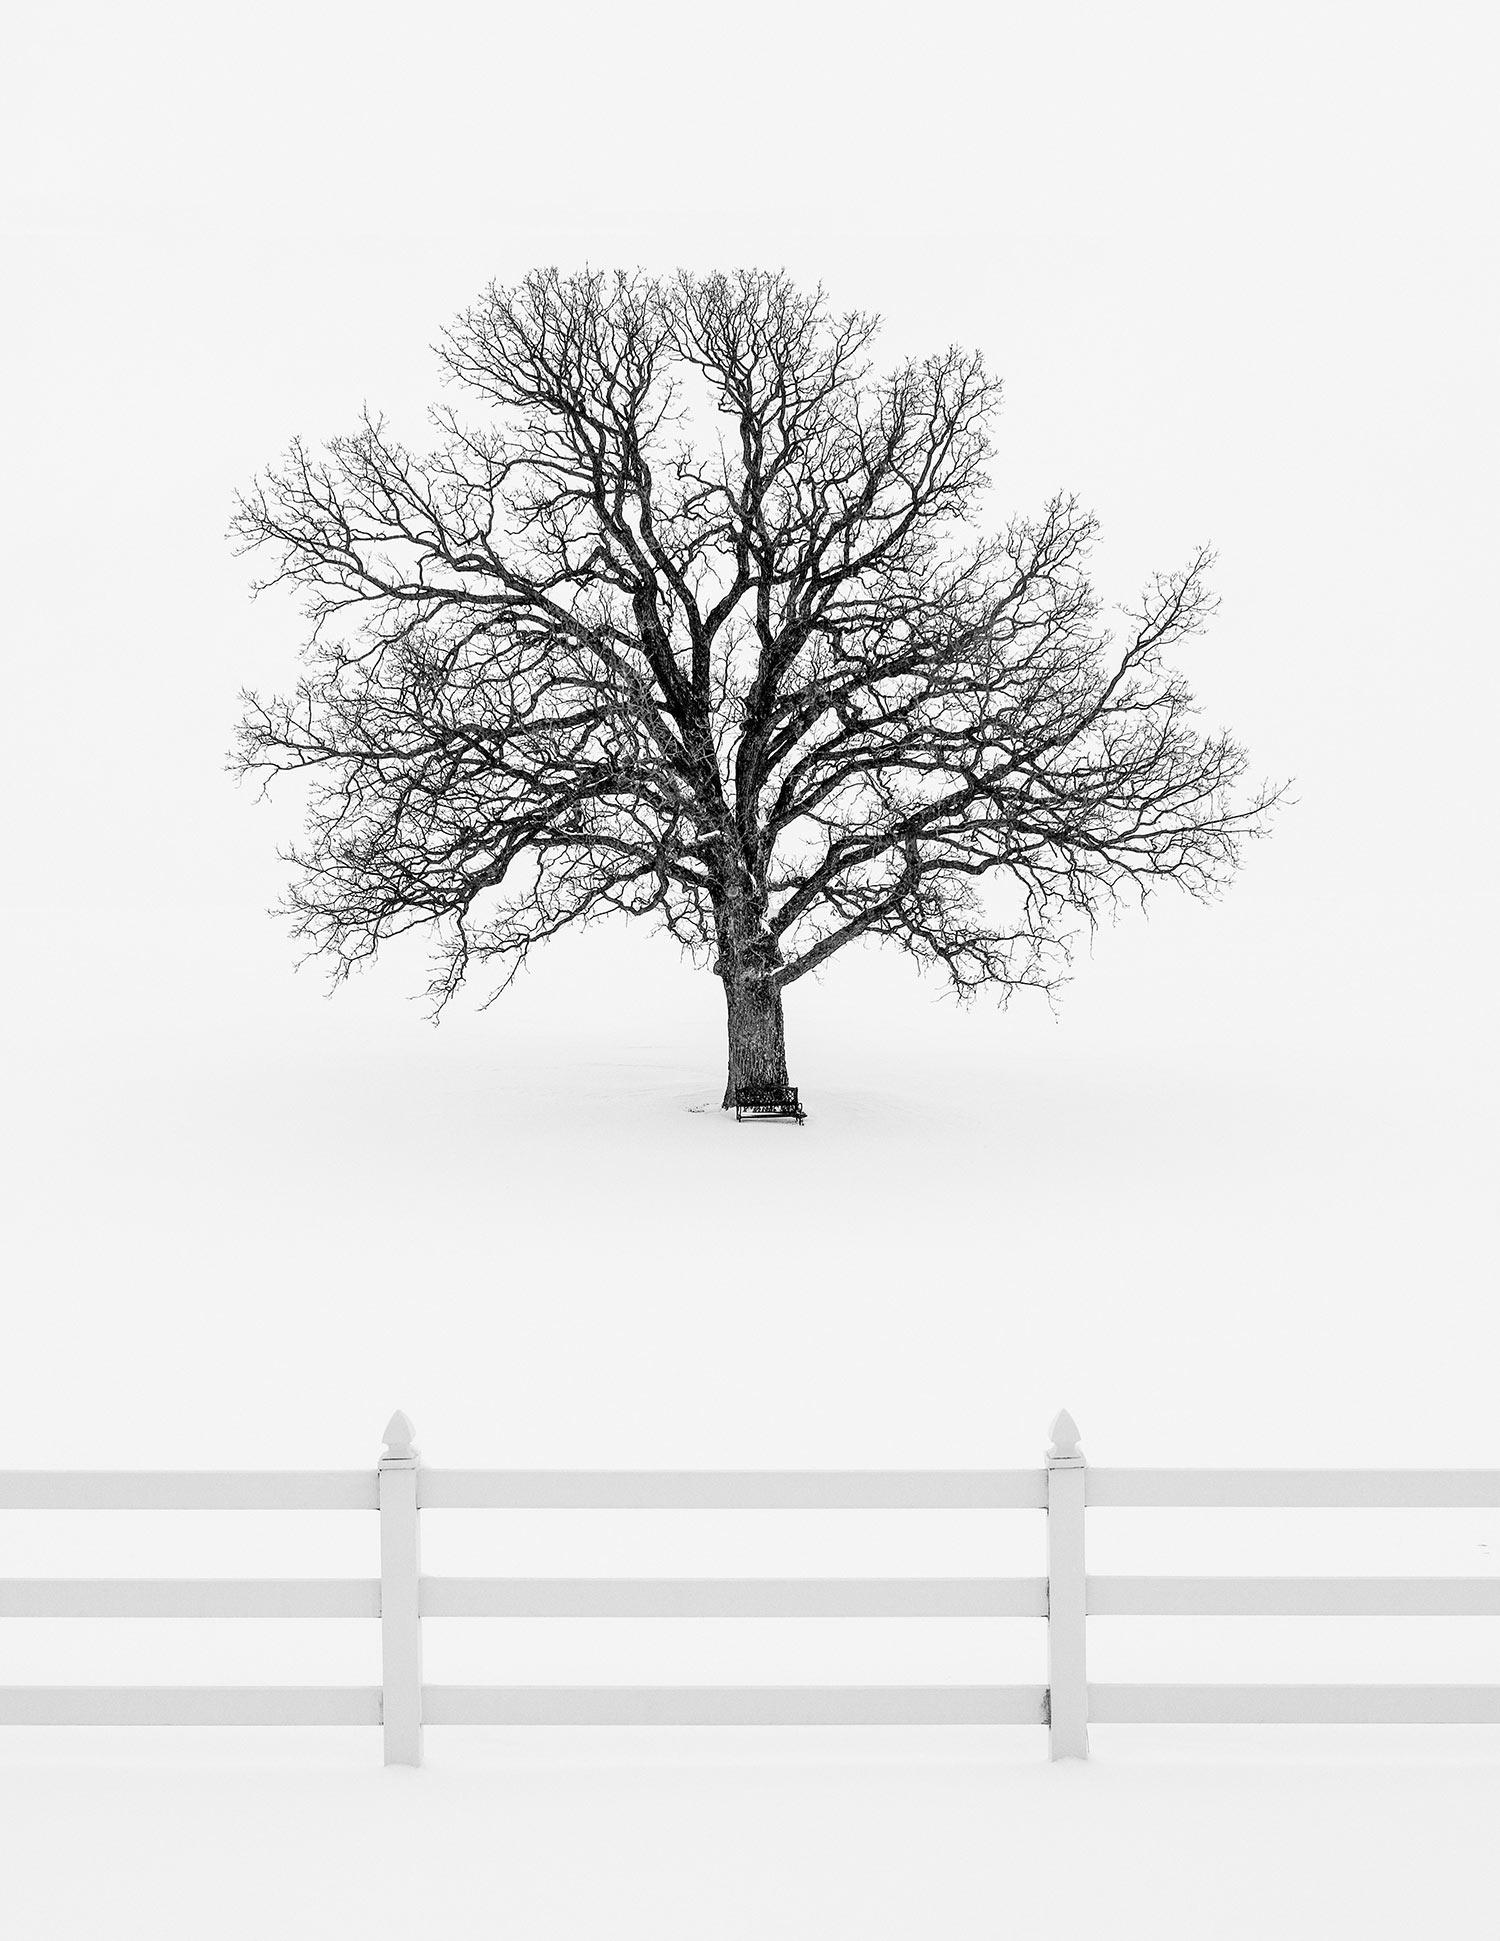 Forsaken Winter